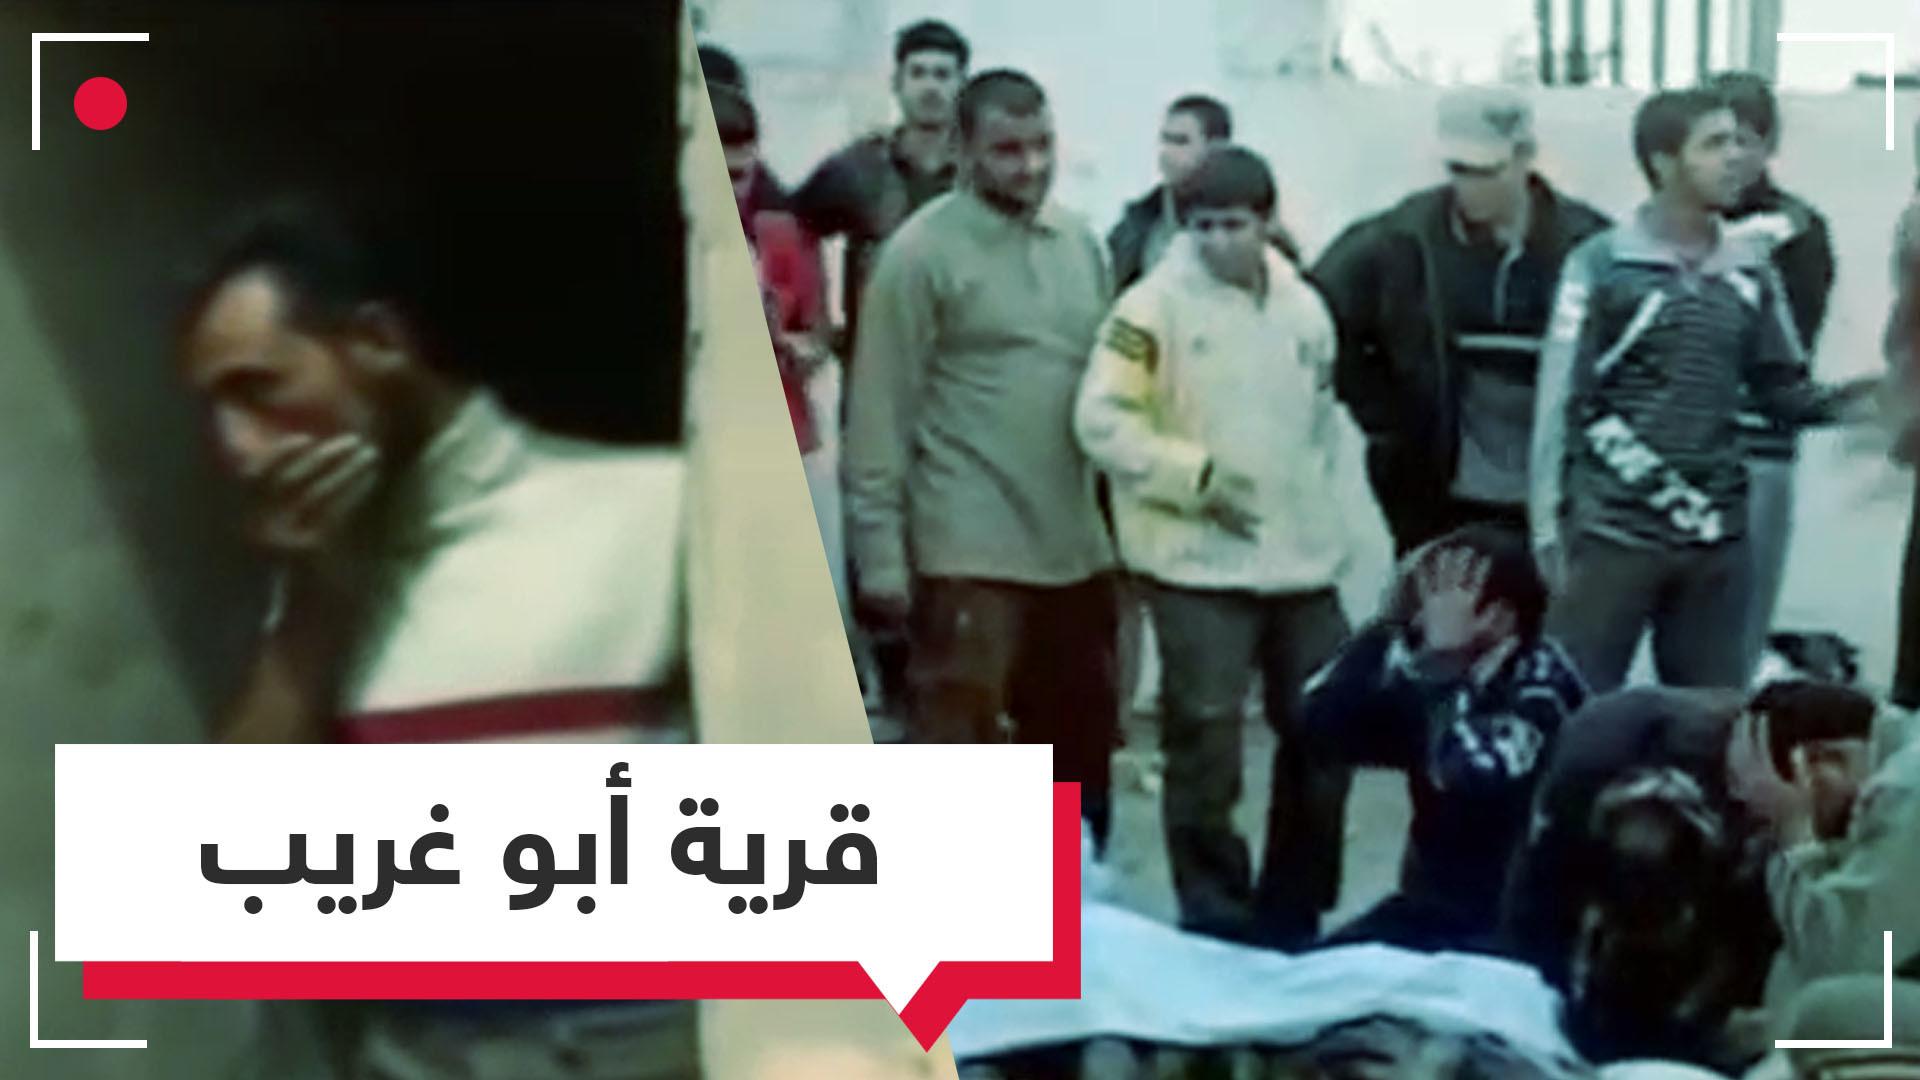 هاجمتها بريطانيا باليورانيوم.. مأساة قرية أبو غريب العراقية تأبى النسيان